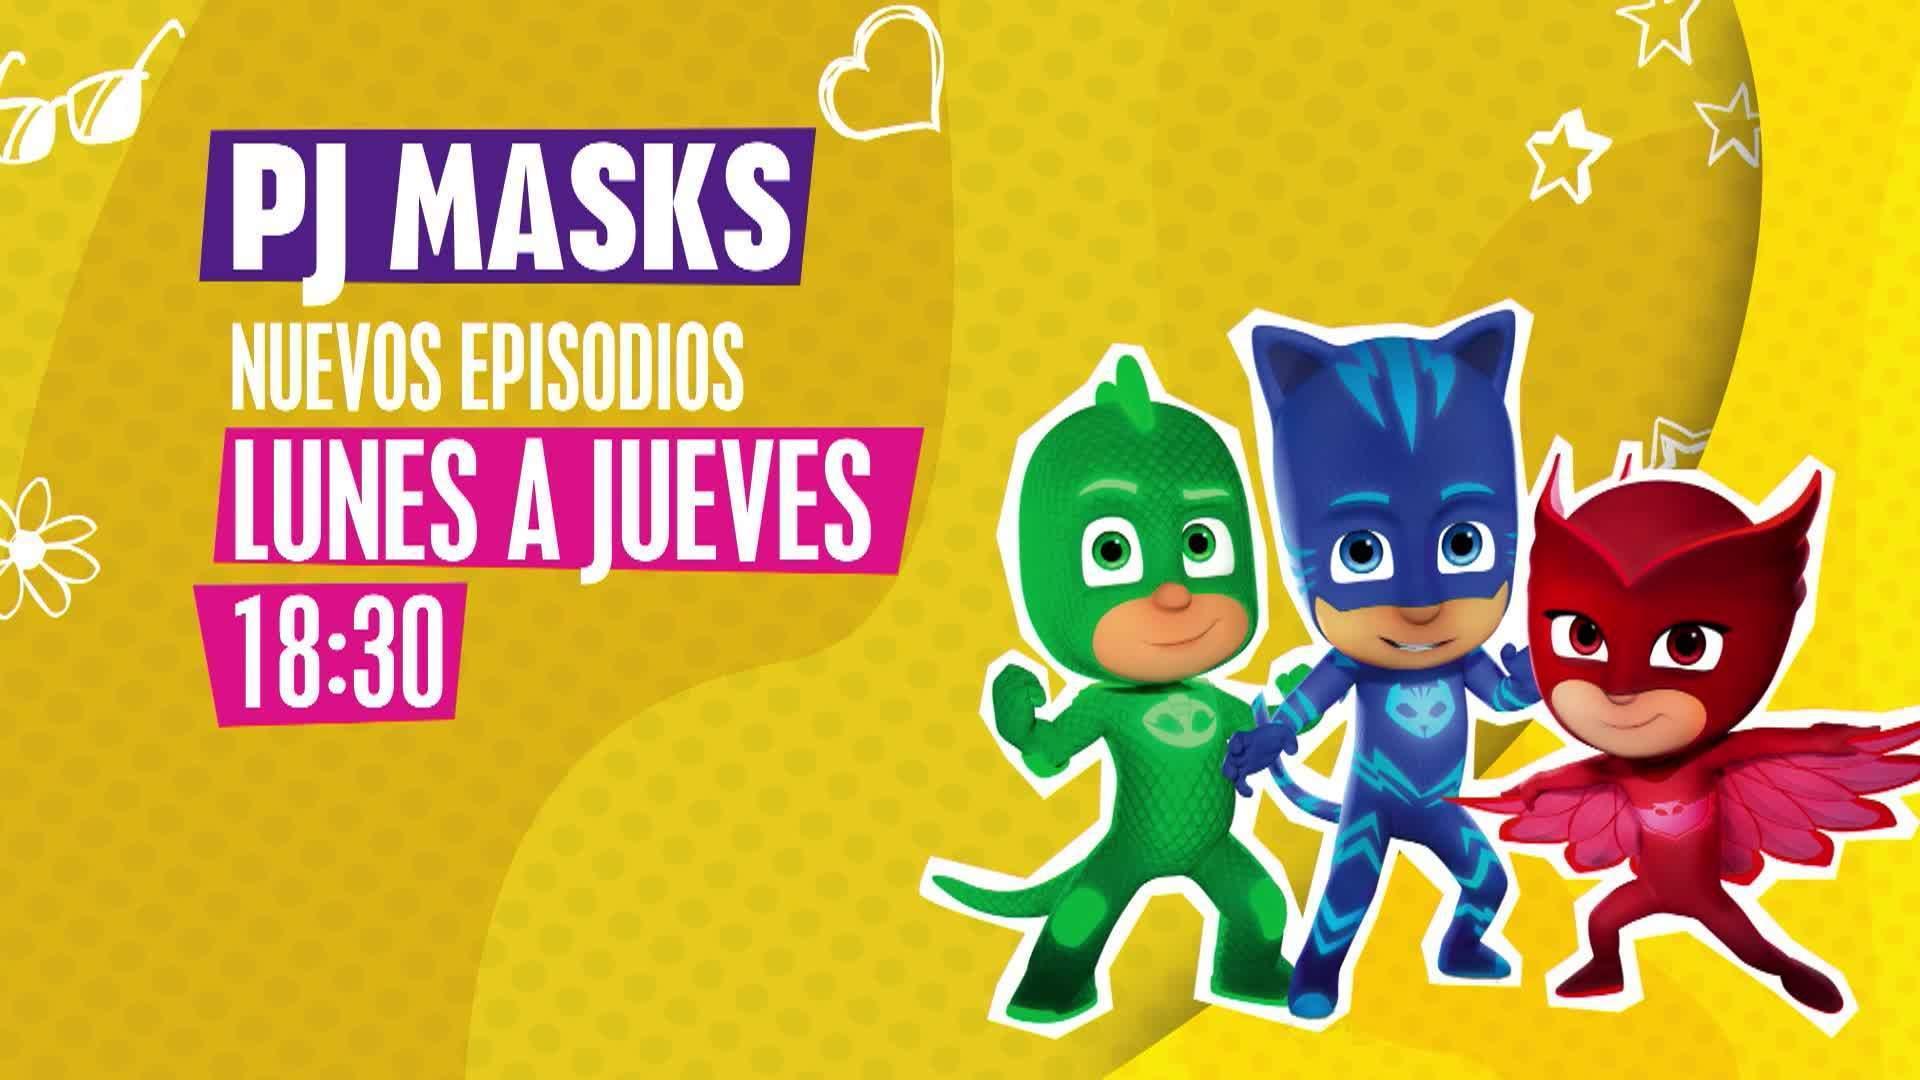 """¡Nuevos episodios de """"PJ Masks""""!"""